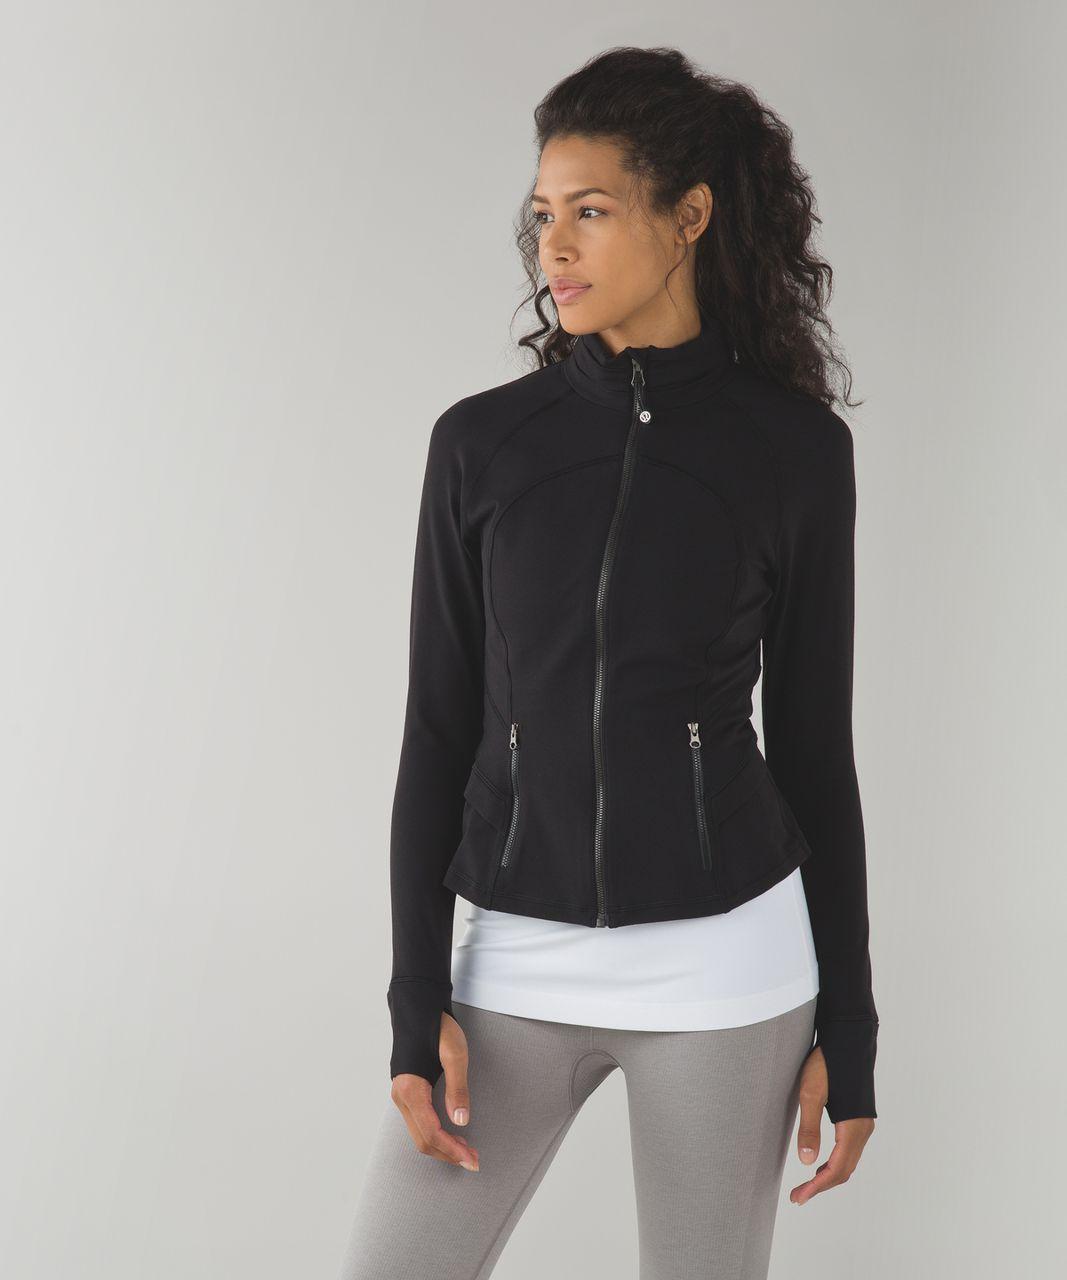 Lululemon Hustle In Your Bustle Jacket - Black